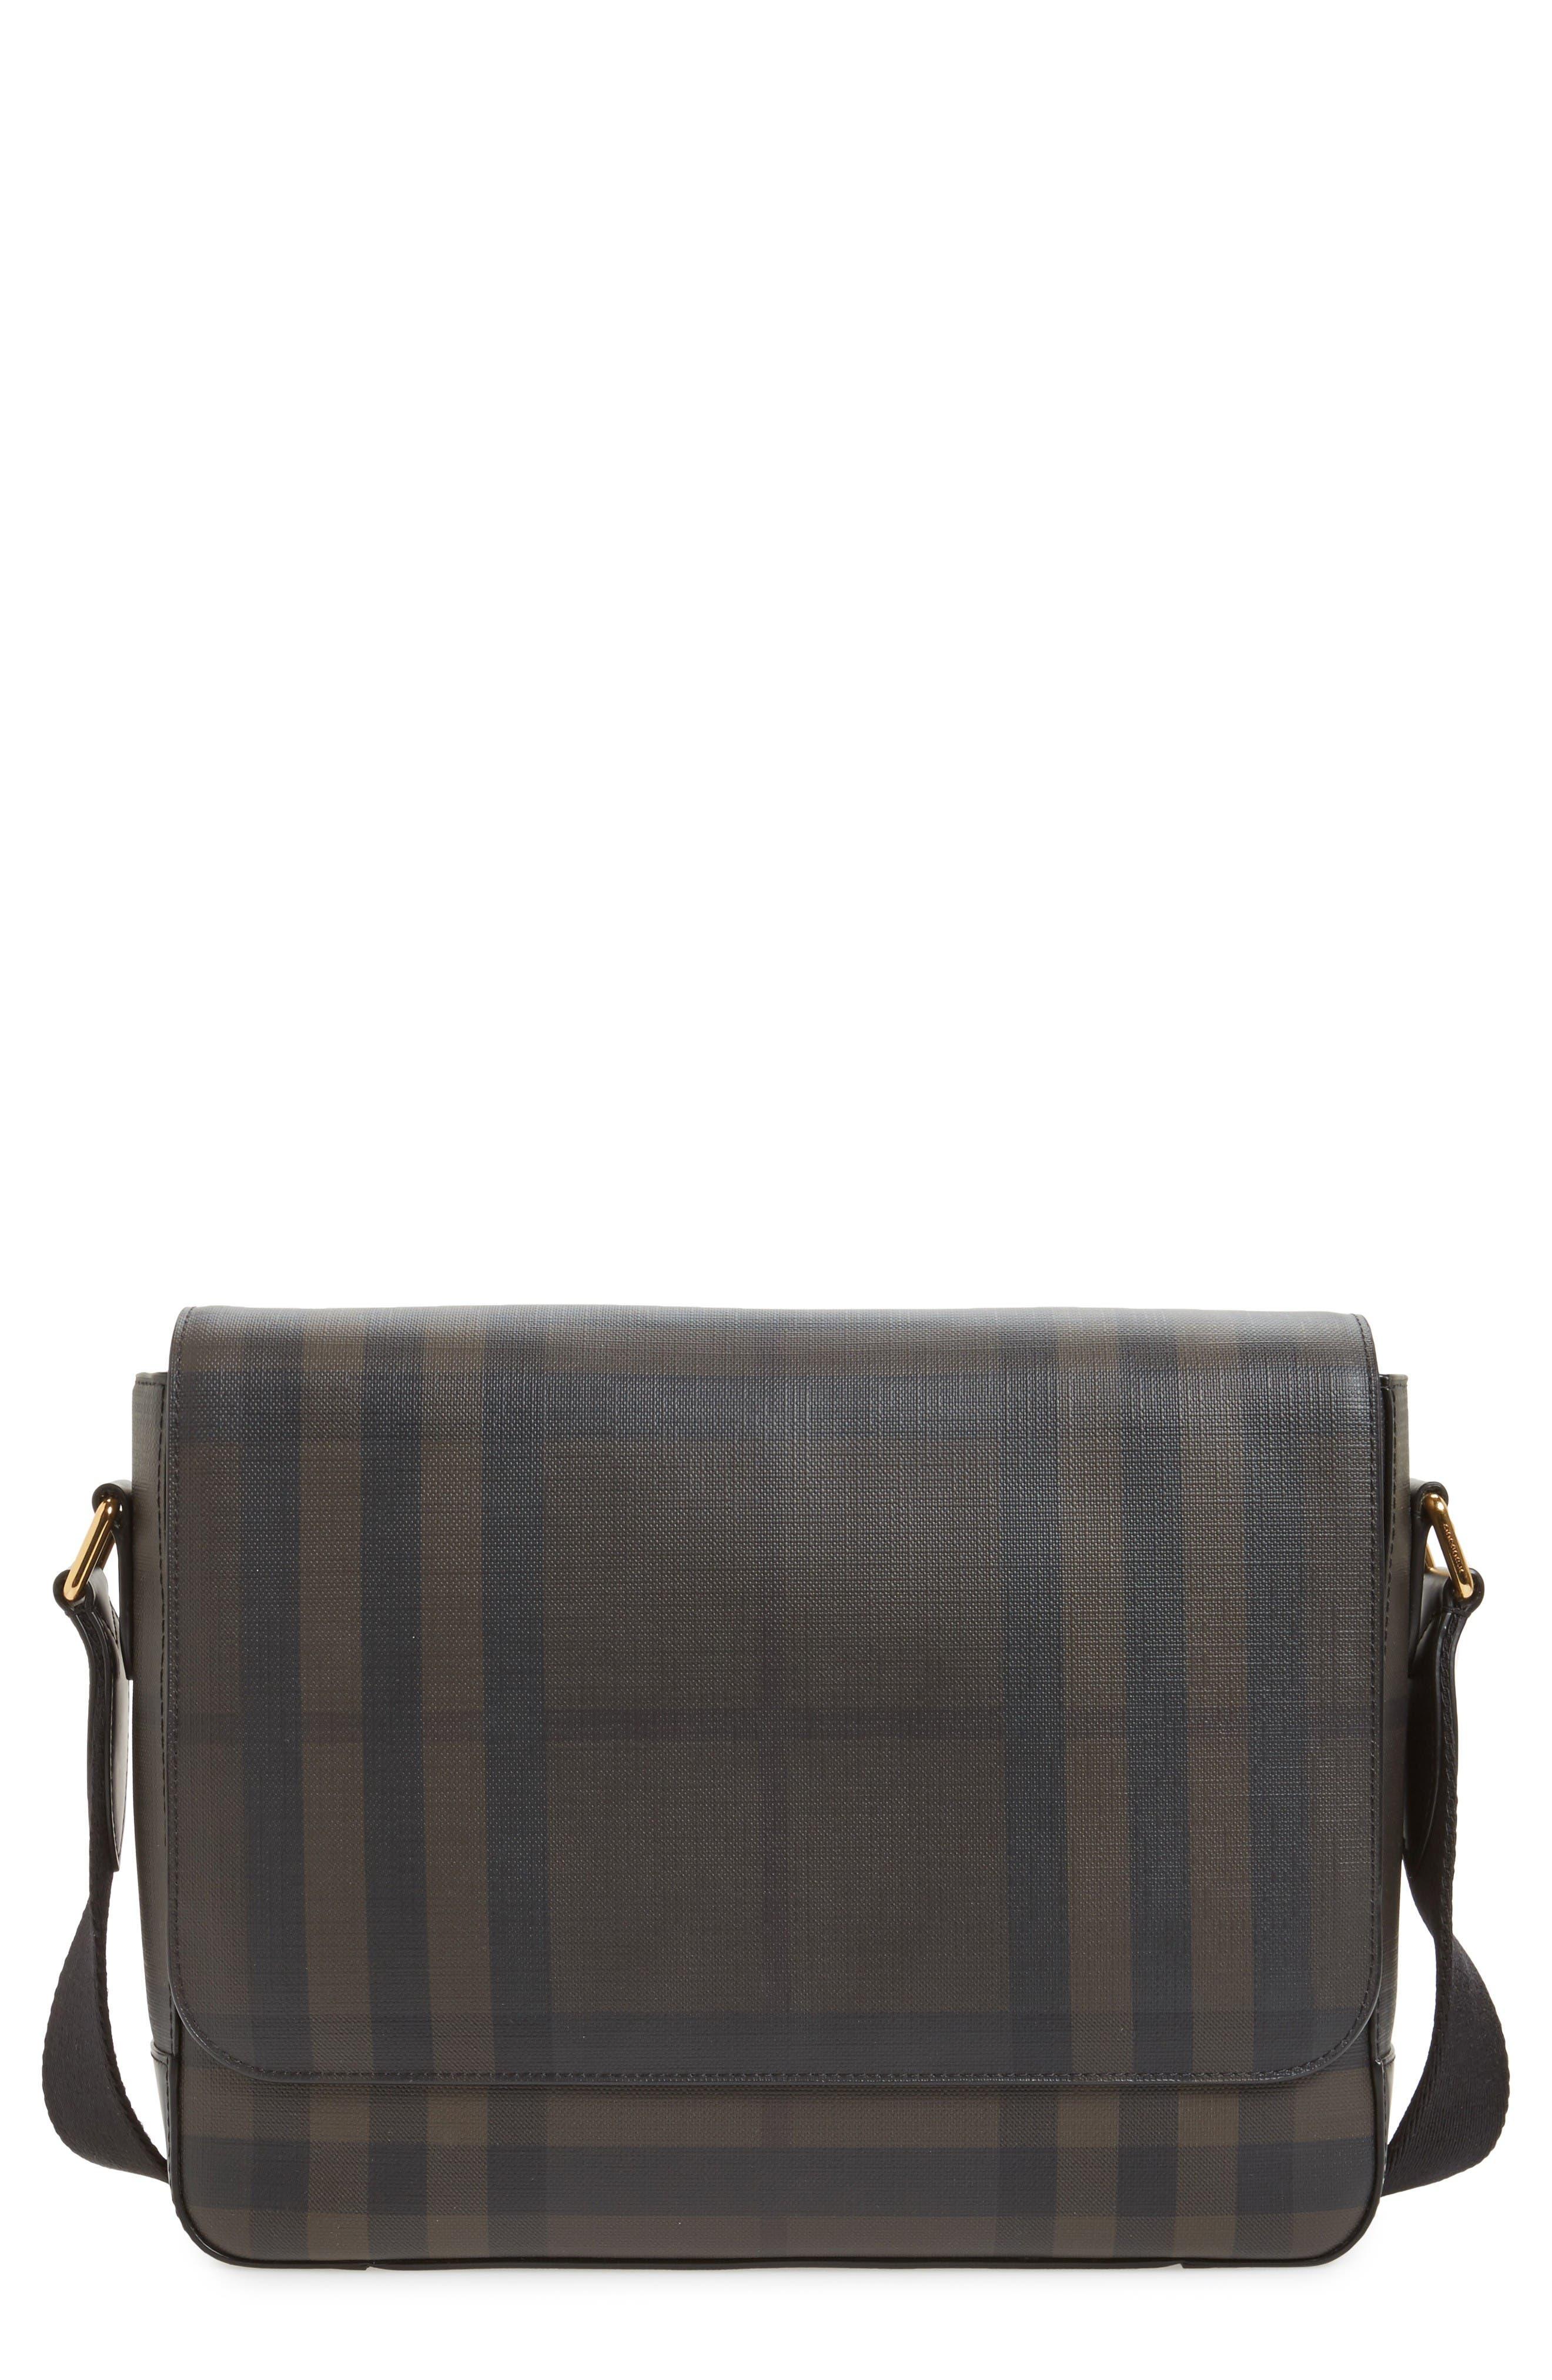 Burberry Edgware Check Messenger Bag